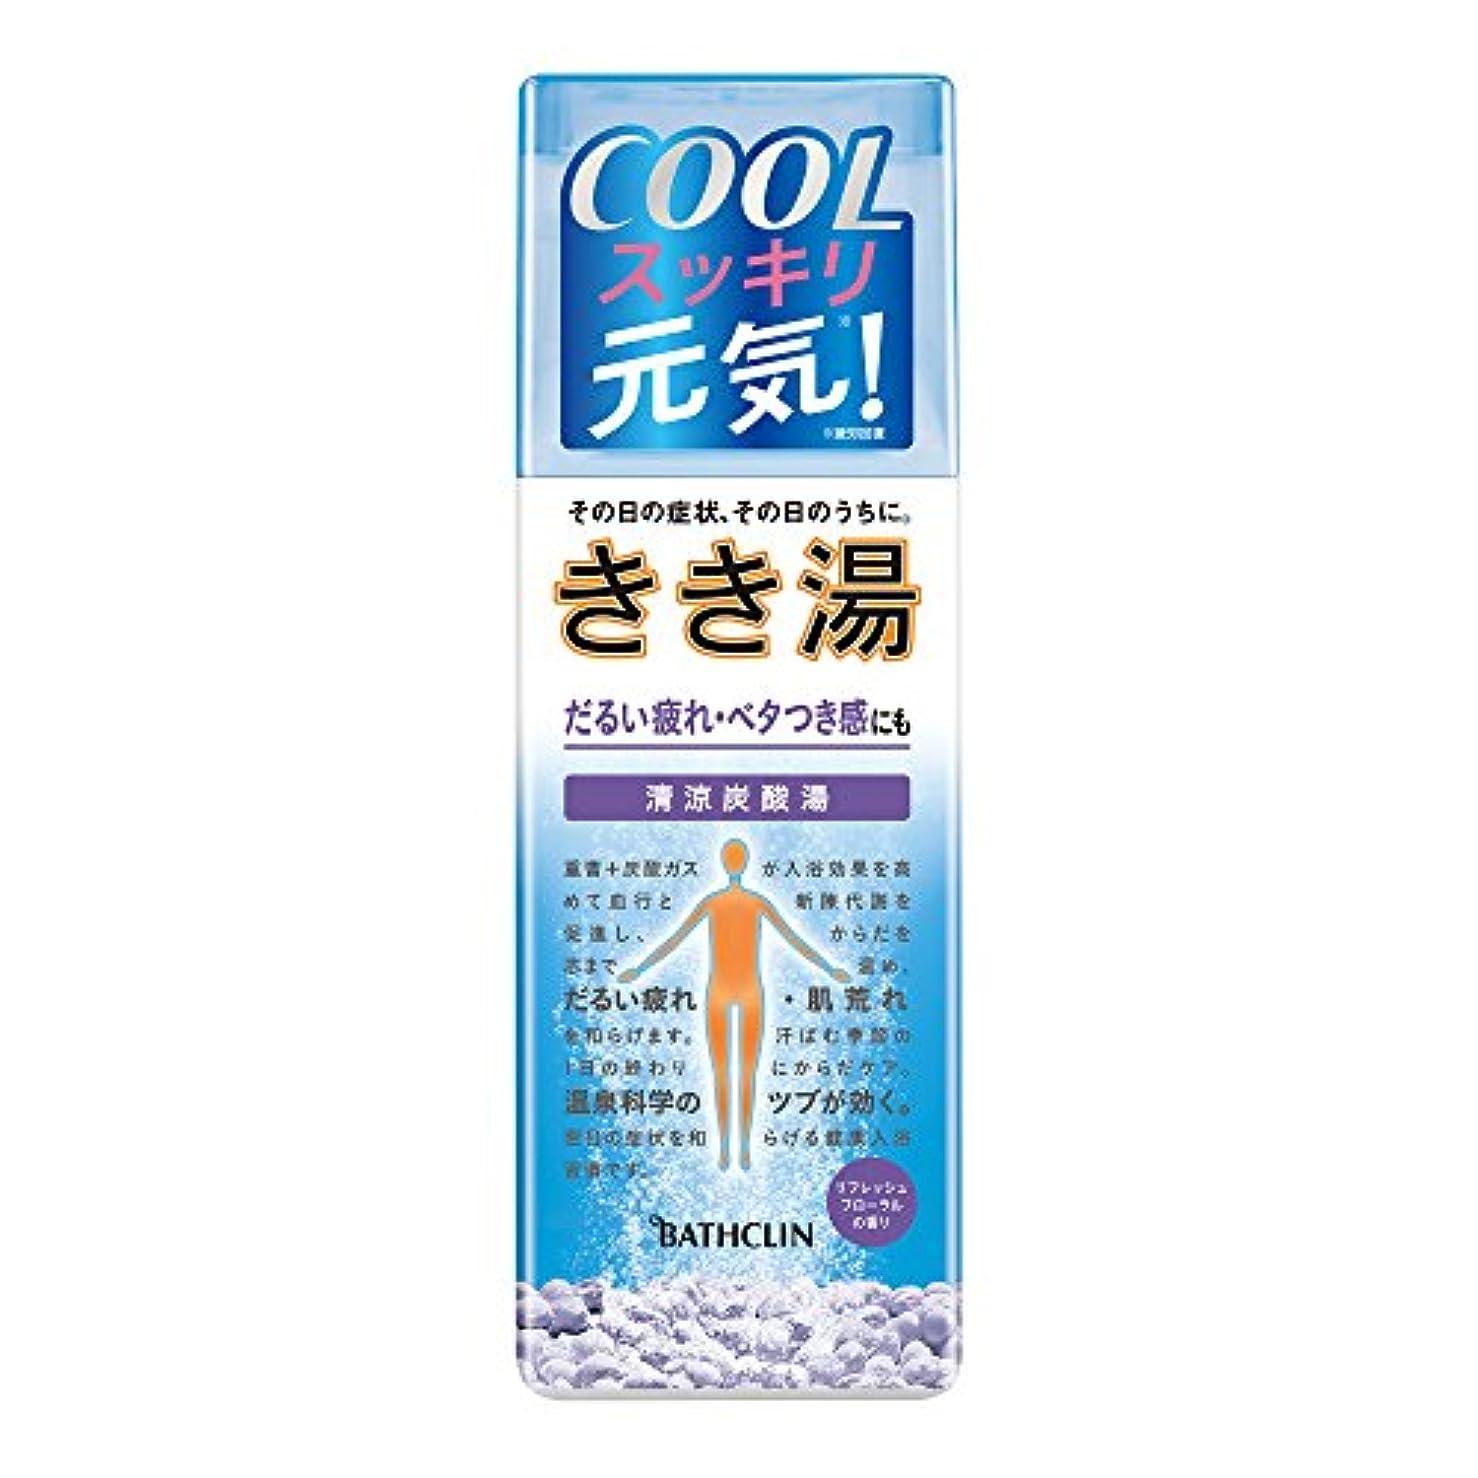 日帰り旅行に拒絶表向き【医薬部外品】きき湯清涼炭酸湯リフレッシュフローラルの香り 360gマリンブルーの湯透明タイプ 入浴剤